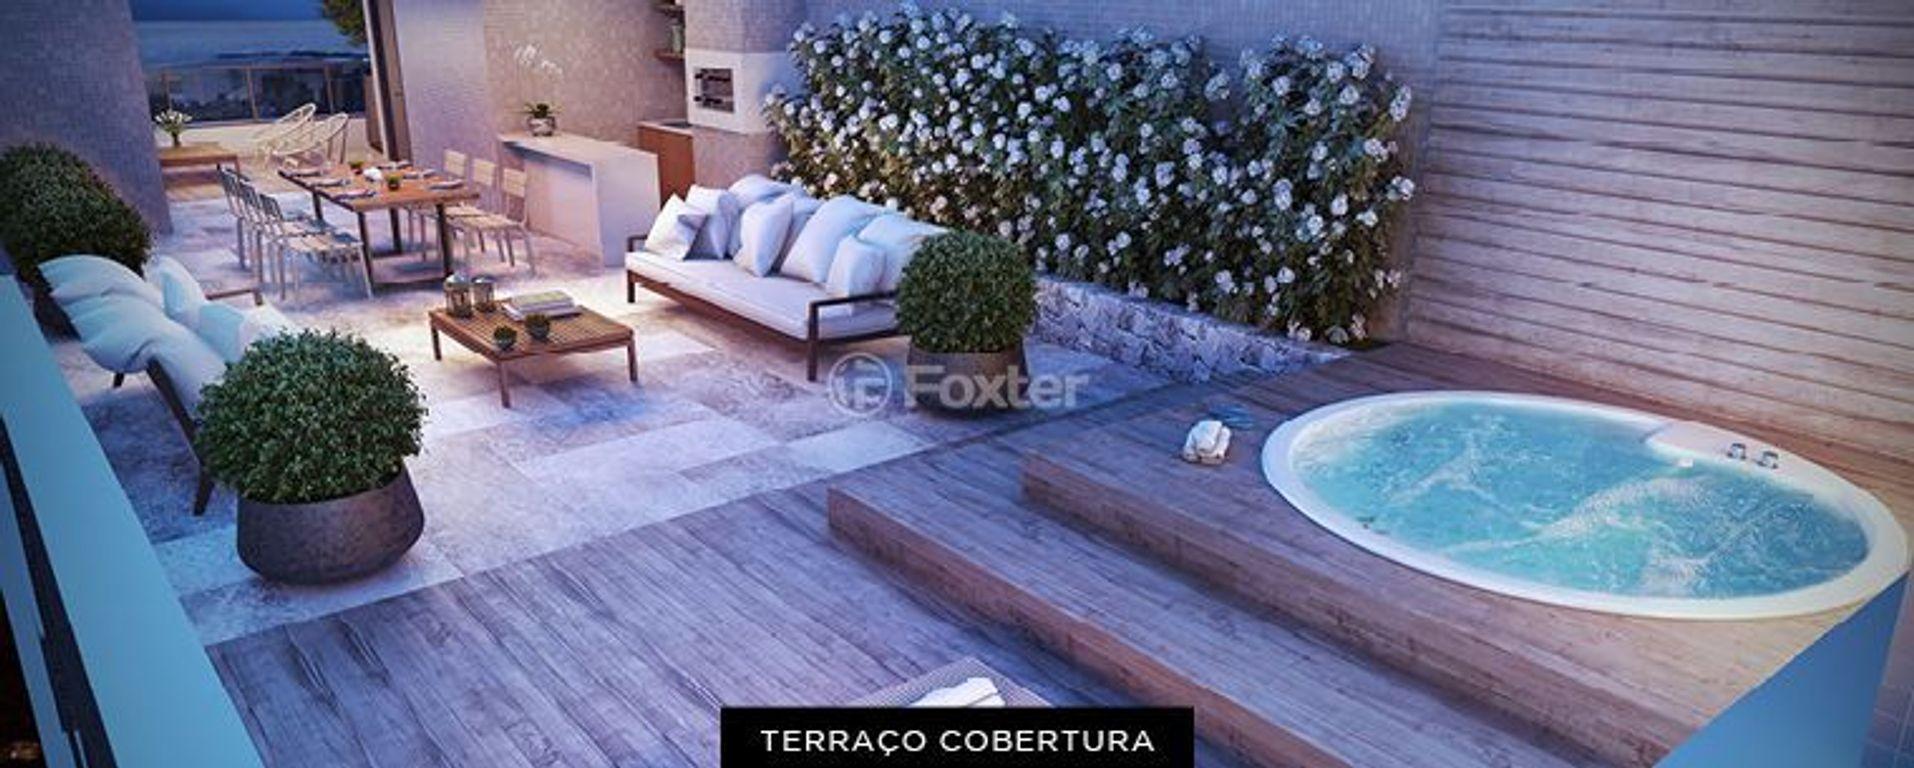 Foxter Imobiliária - Apto 2 Dorm, Centro, Torres - Foto 13